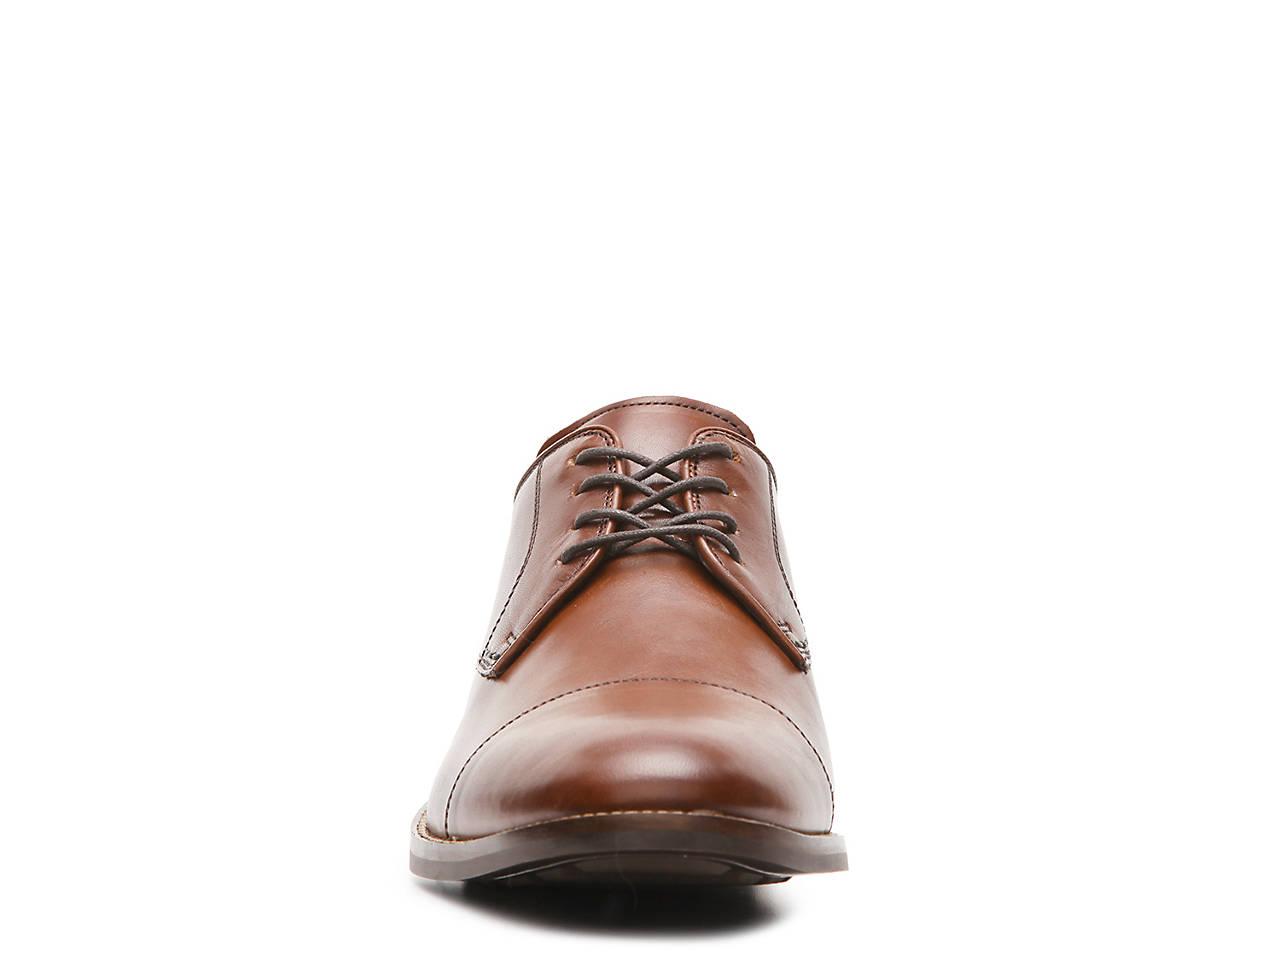 94c2efa744d8 Cole Haan Lenox Hill Cap Toe Oxford Men s Shoes